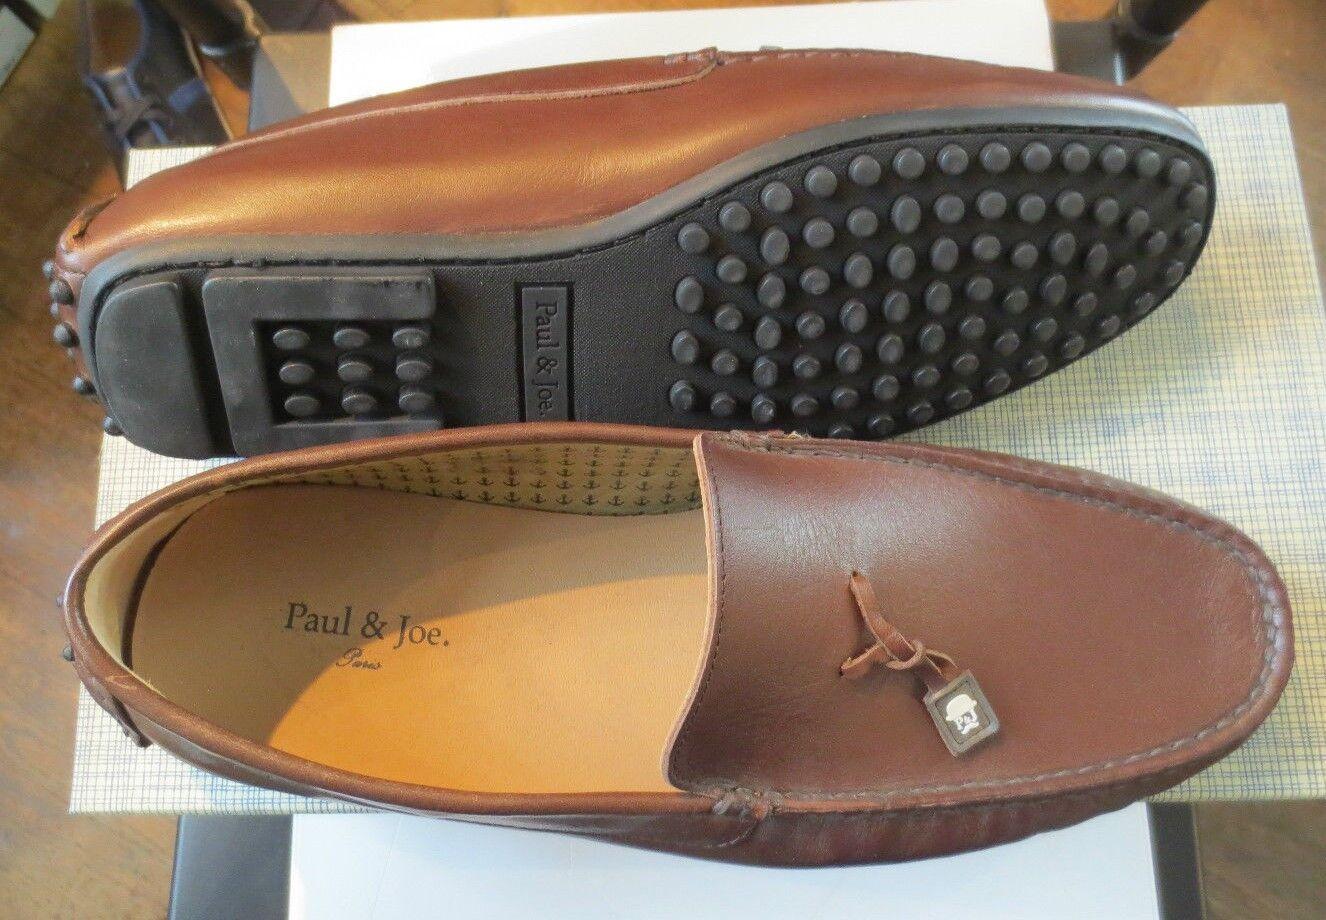 Paul & Joe Mokassin Clinton Kalb braun neu Wert 170e ,44,45 Schuhgrößen ,44,45 170e 7db062